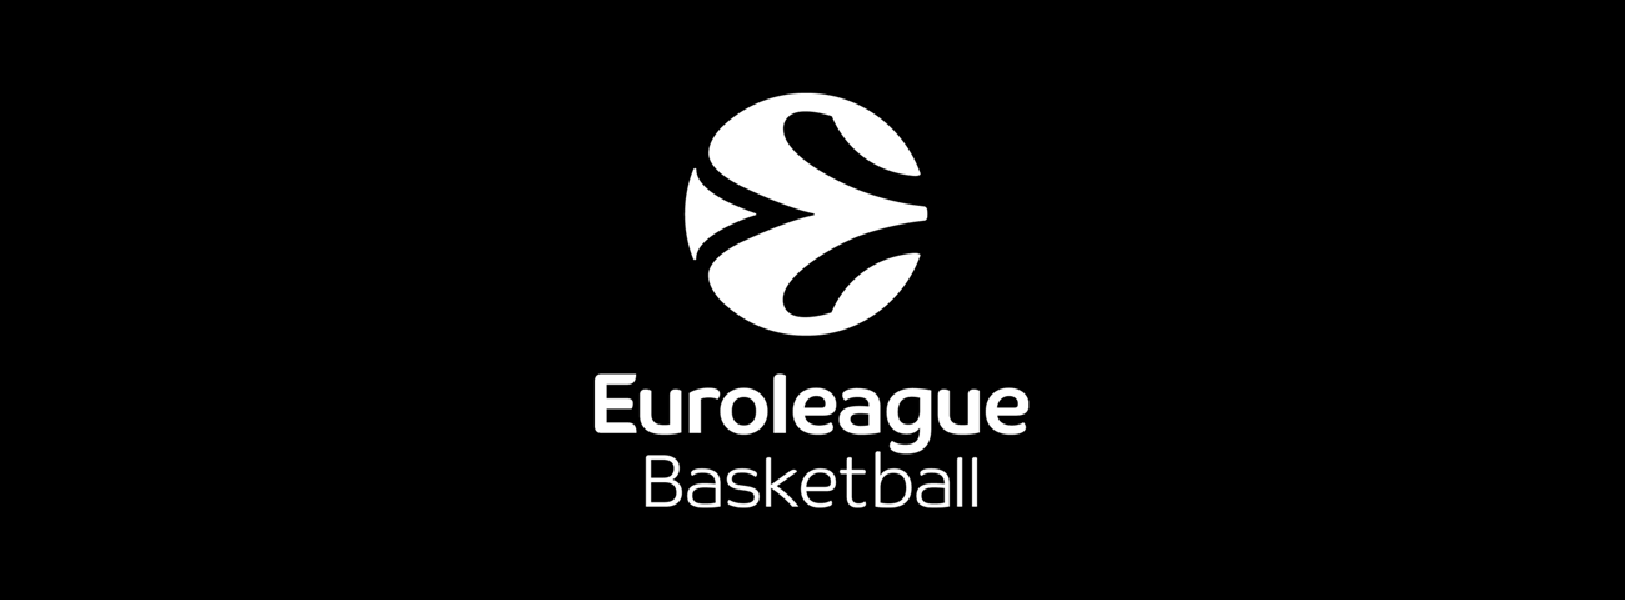 https://www.basketmarche.it/immagini_articoli/25-05-2020/ufficiale-euroleague-eurocup-riprenderanno-cancellata-stagione-20192020-600.png